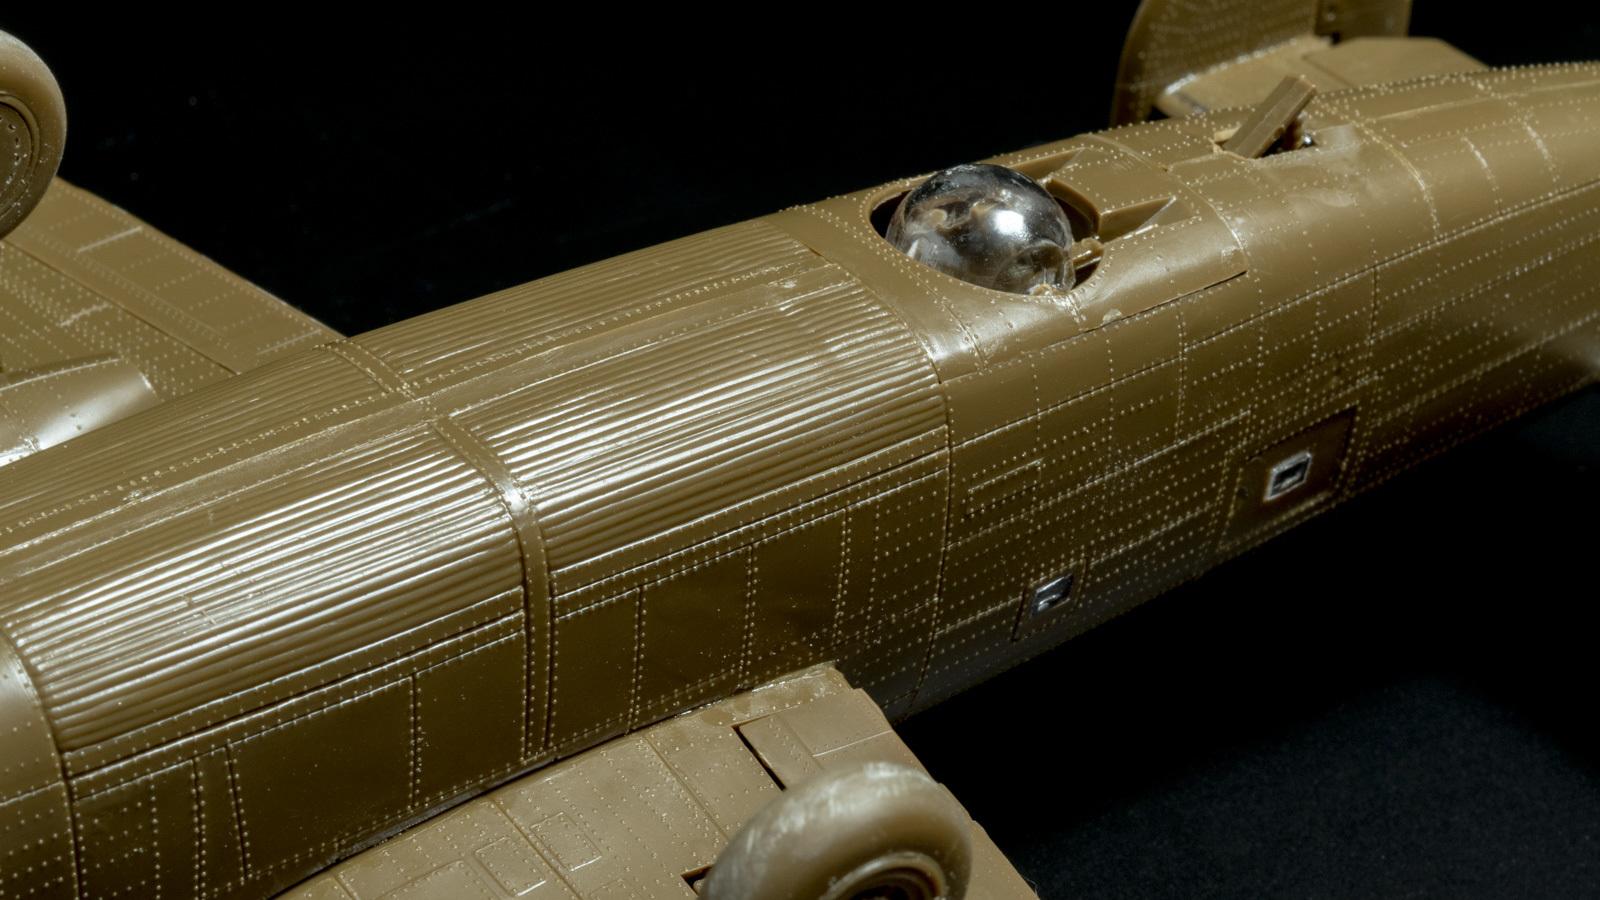 【パチ組みの月曜日】60年前の舶来キット、B-24リベレーターを貼る_b0029315_22283522.jpg